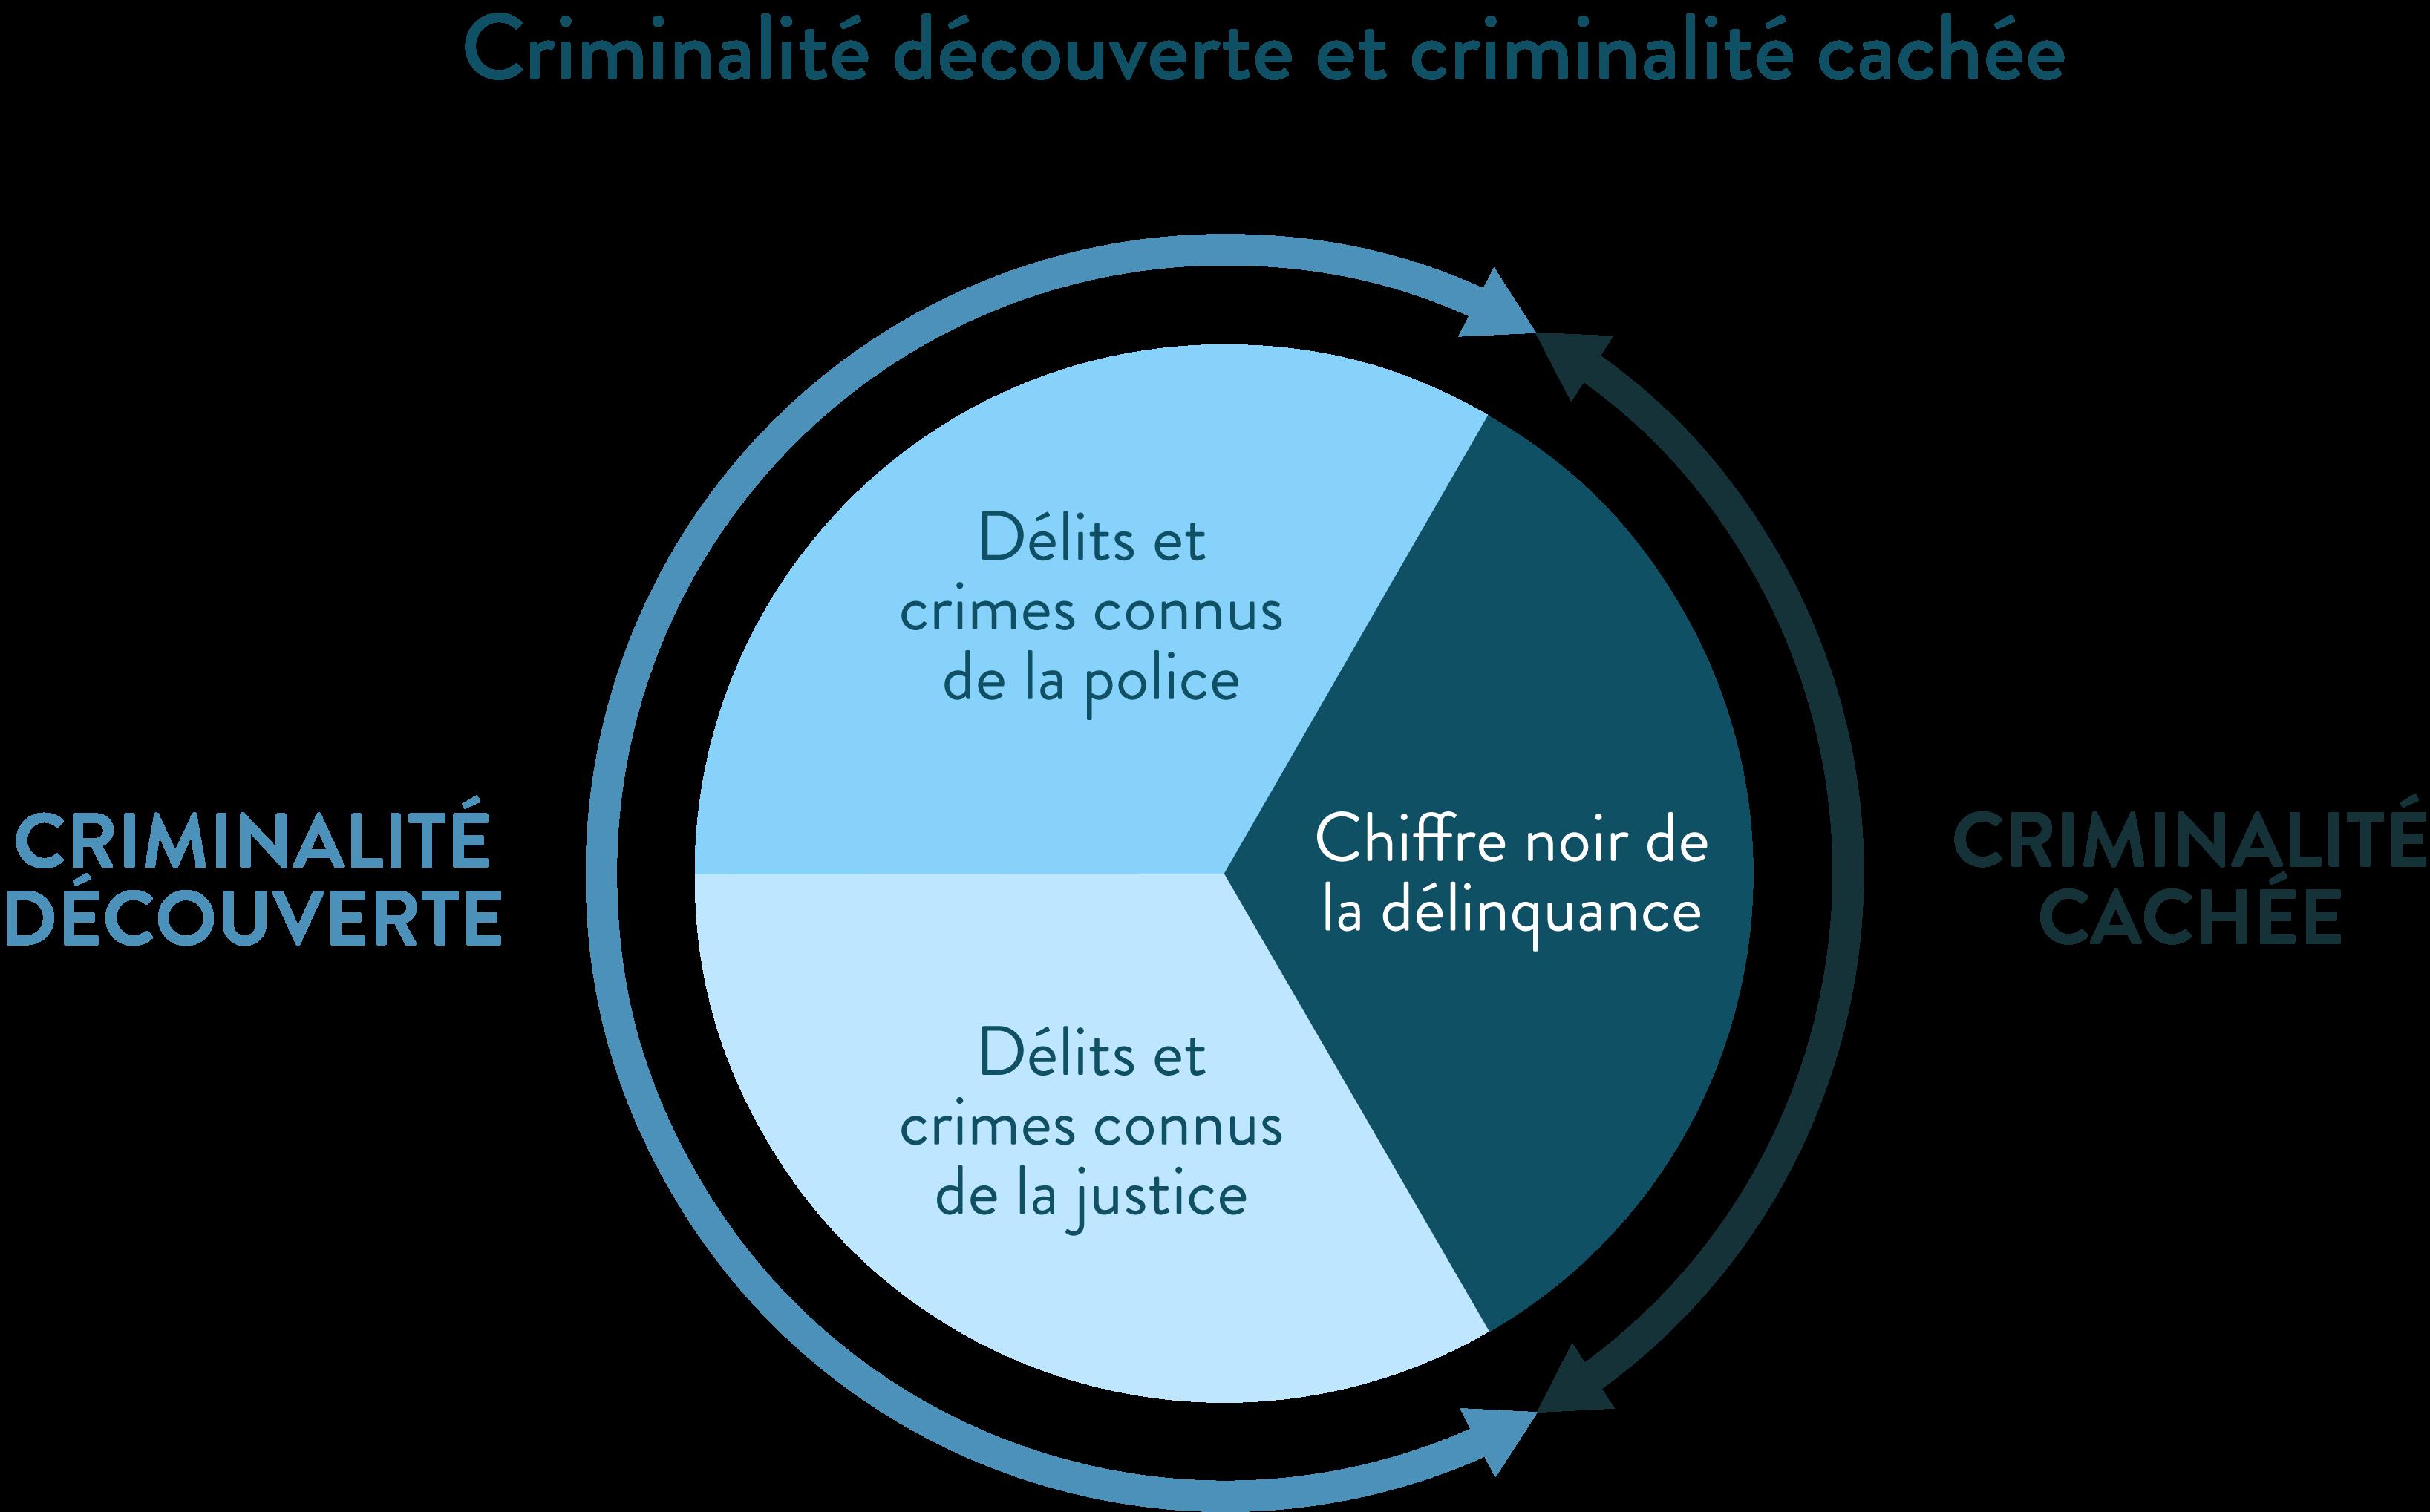 Criminalité découverte et criminalité cachée chiffre noir de la délinquance délits déviance ses première